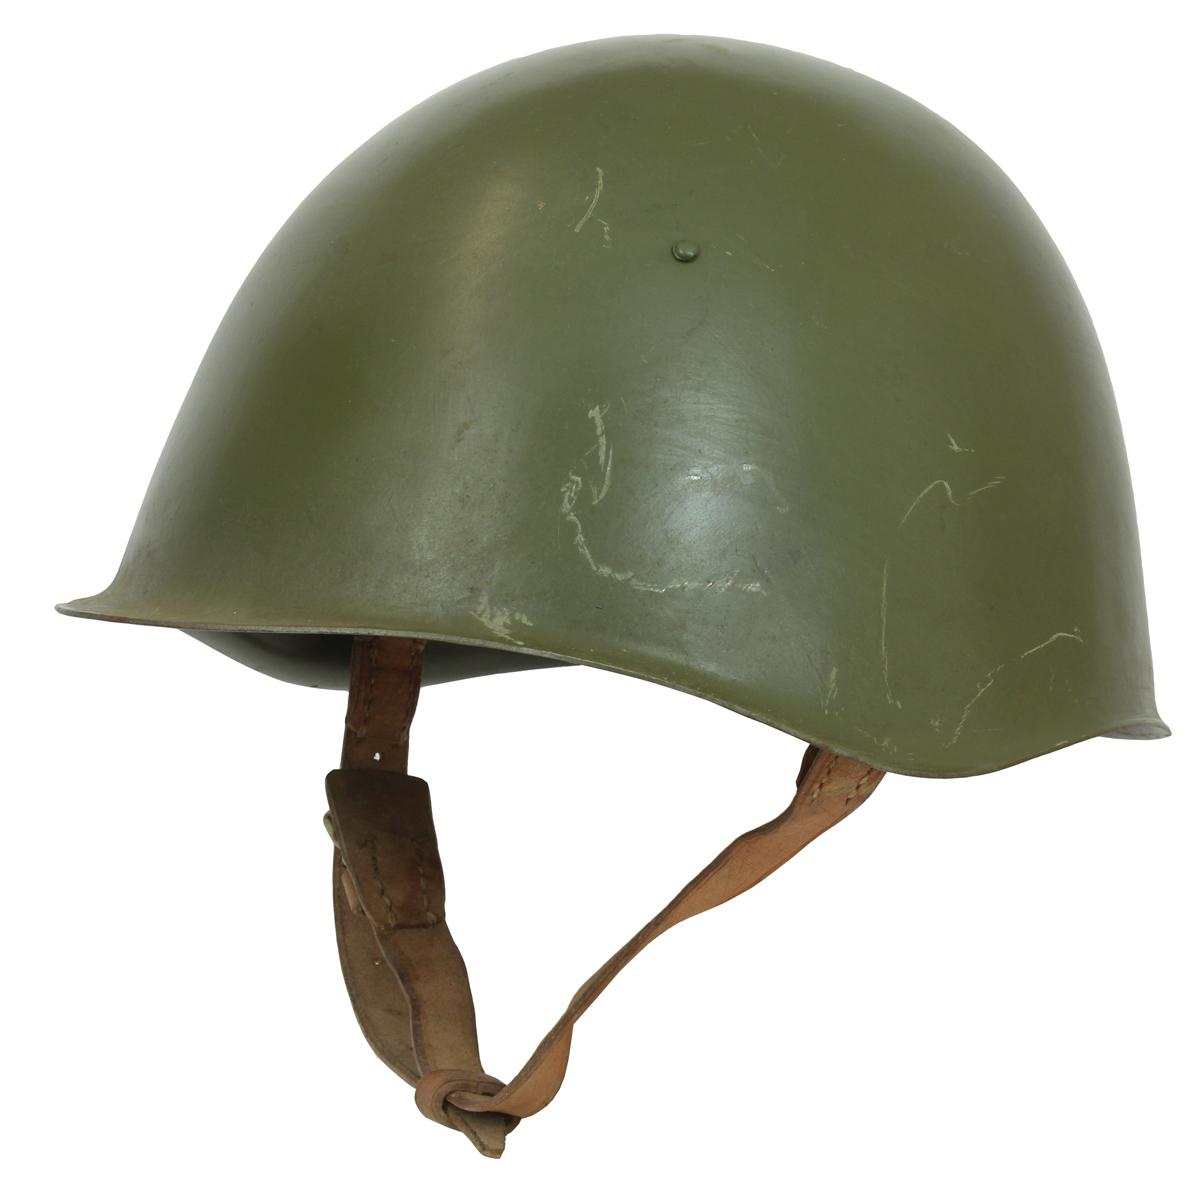 WW1 & WW2 Allied Equipment